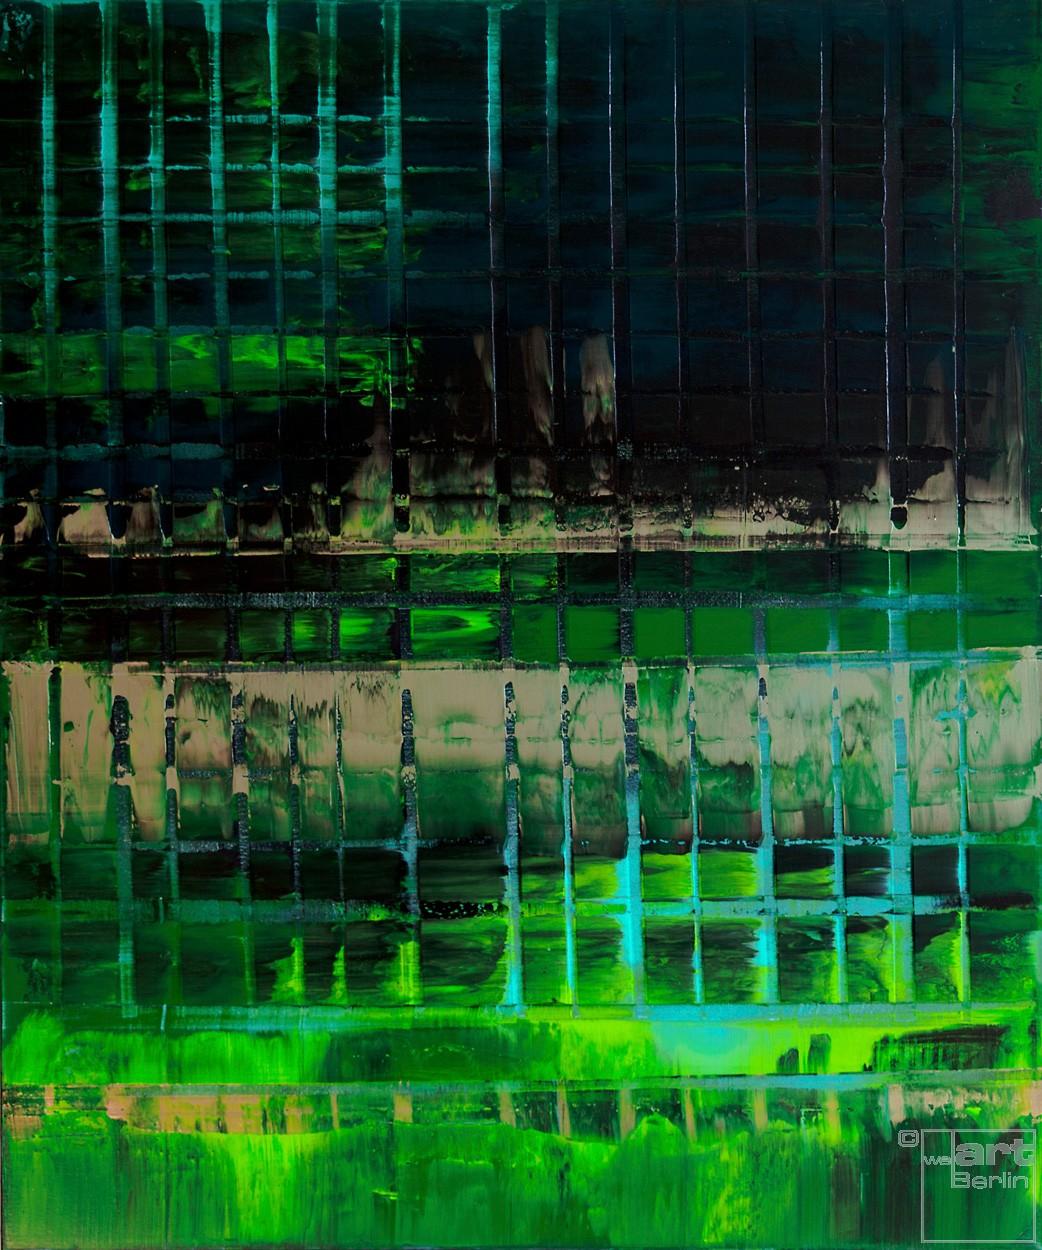 Grüne ARMA | Malerei von Lali Torma | Acryl auf Leinwand, abstrakt